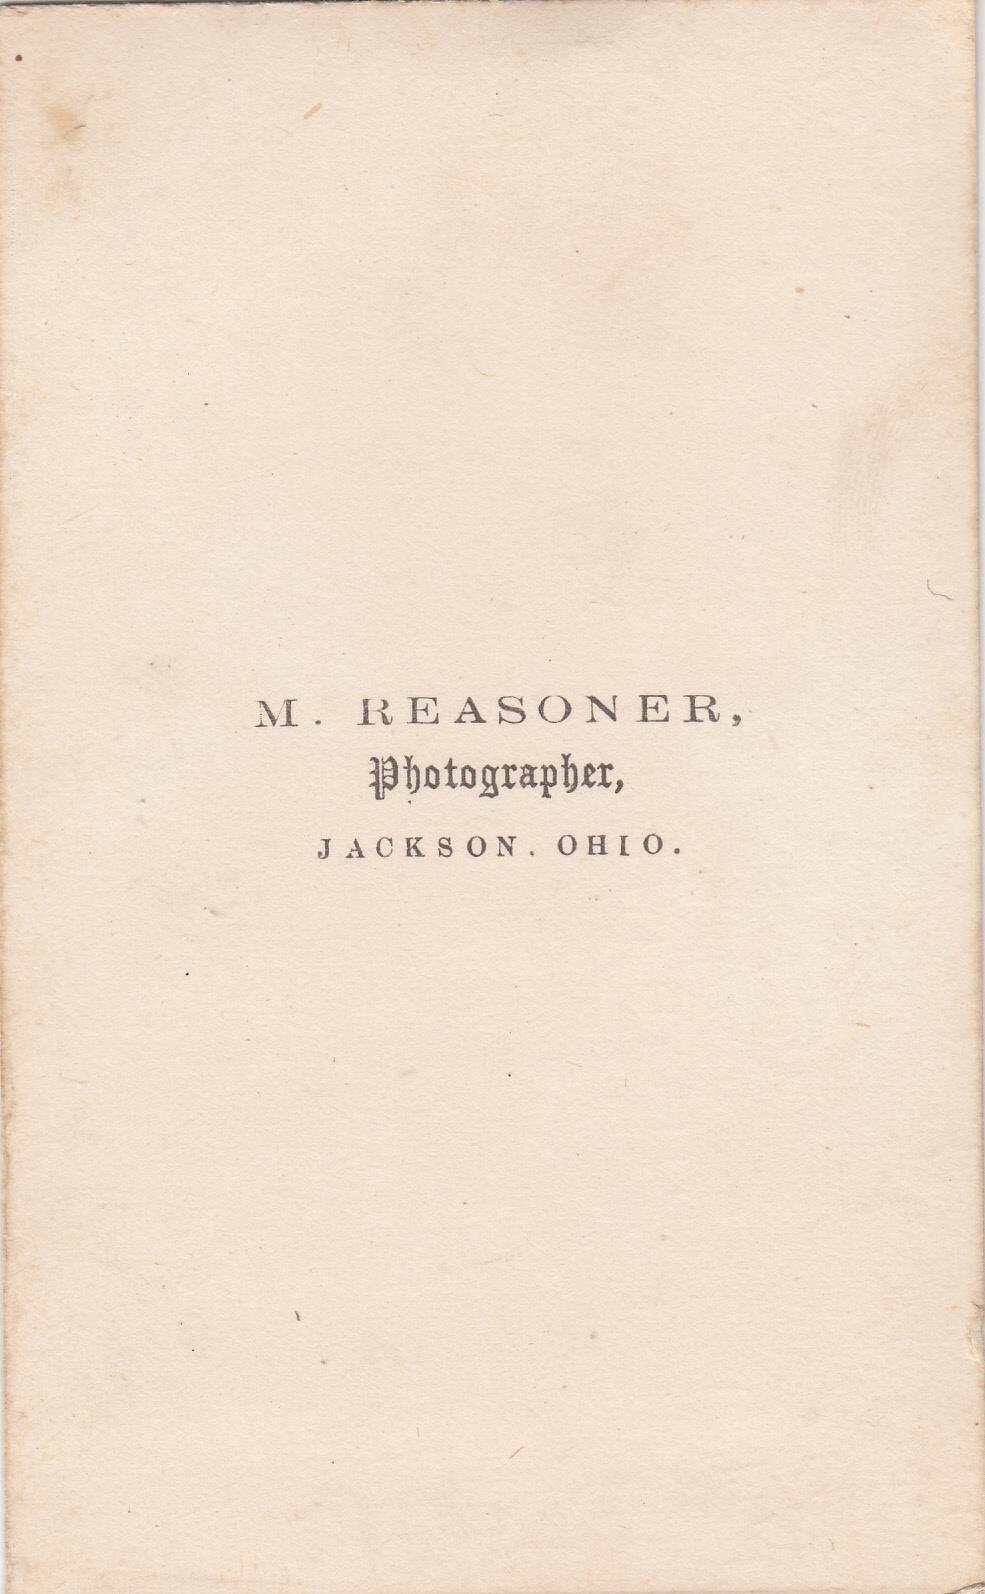 M. Reasoner, photographer of Jackson, OH - back